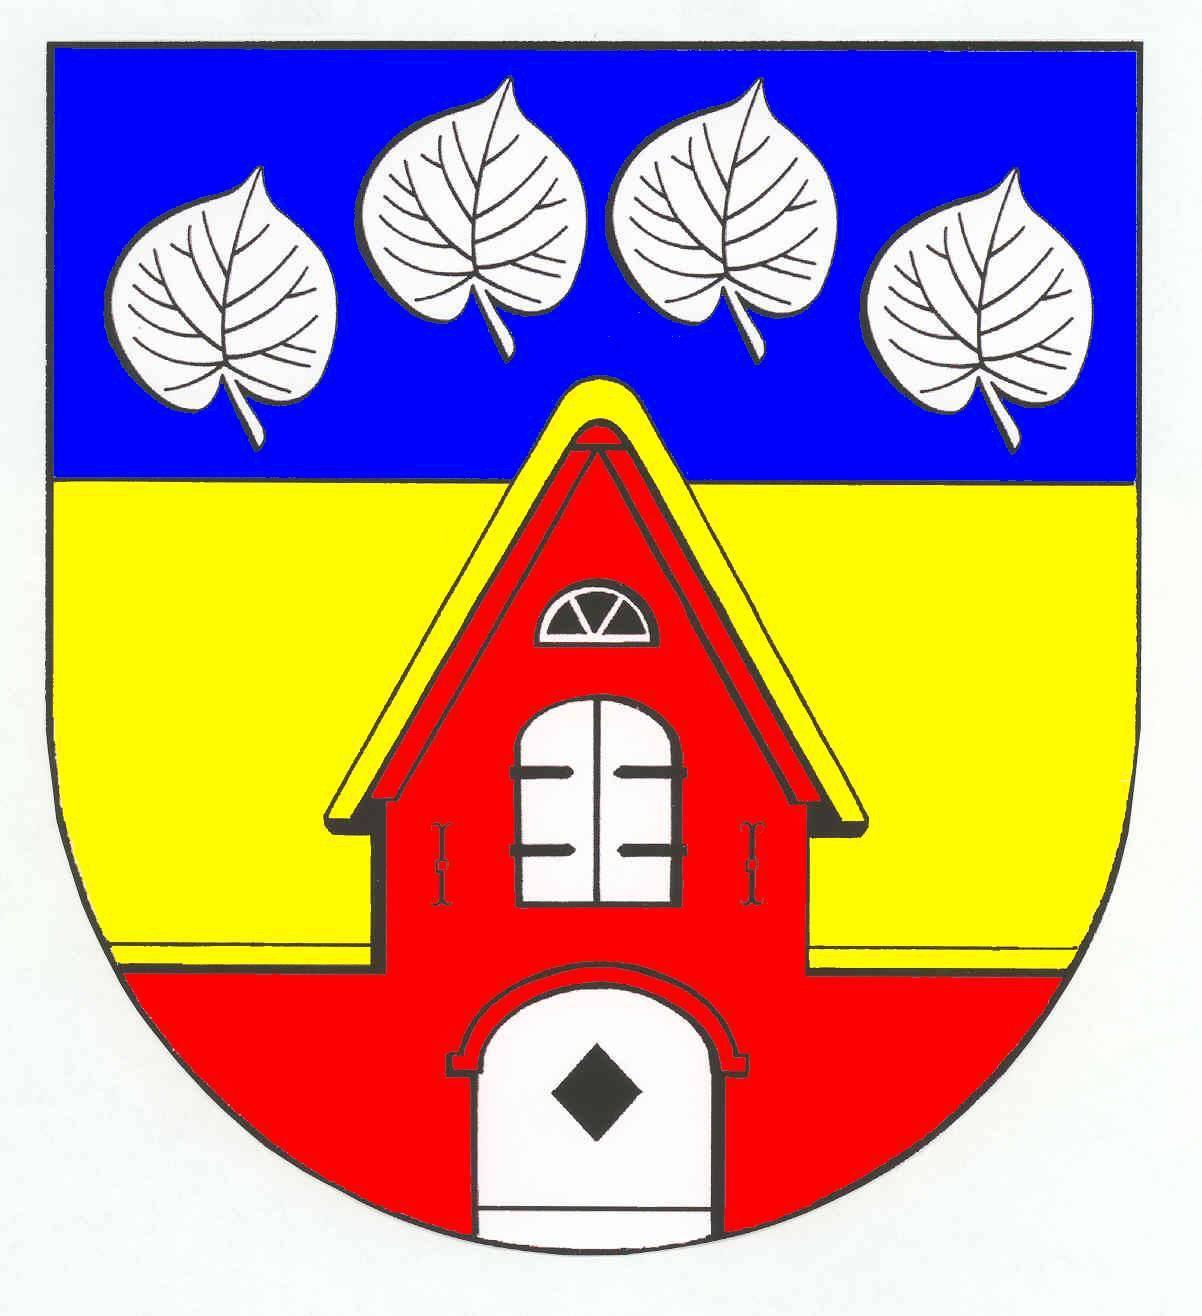 Wappen GemeindeRisum-Lindholm, Kreis Nordfriesland